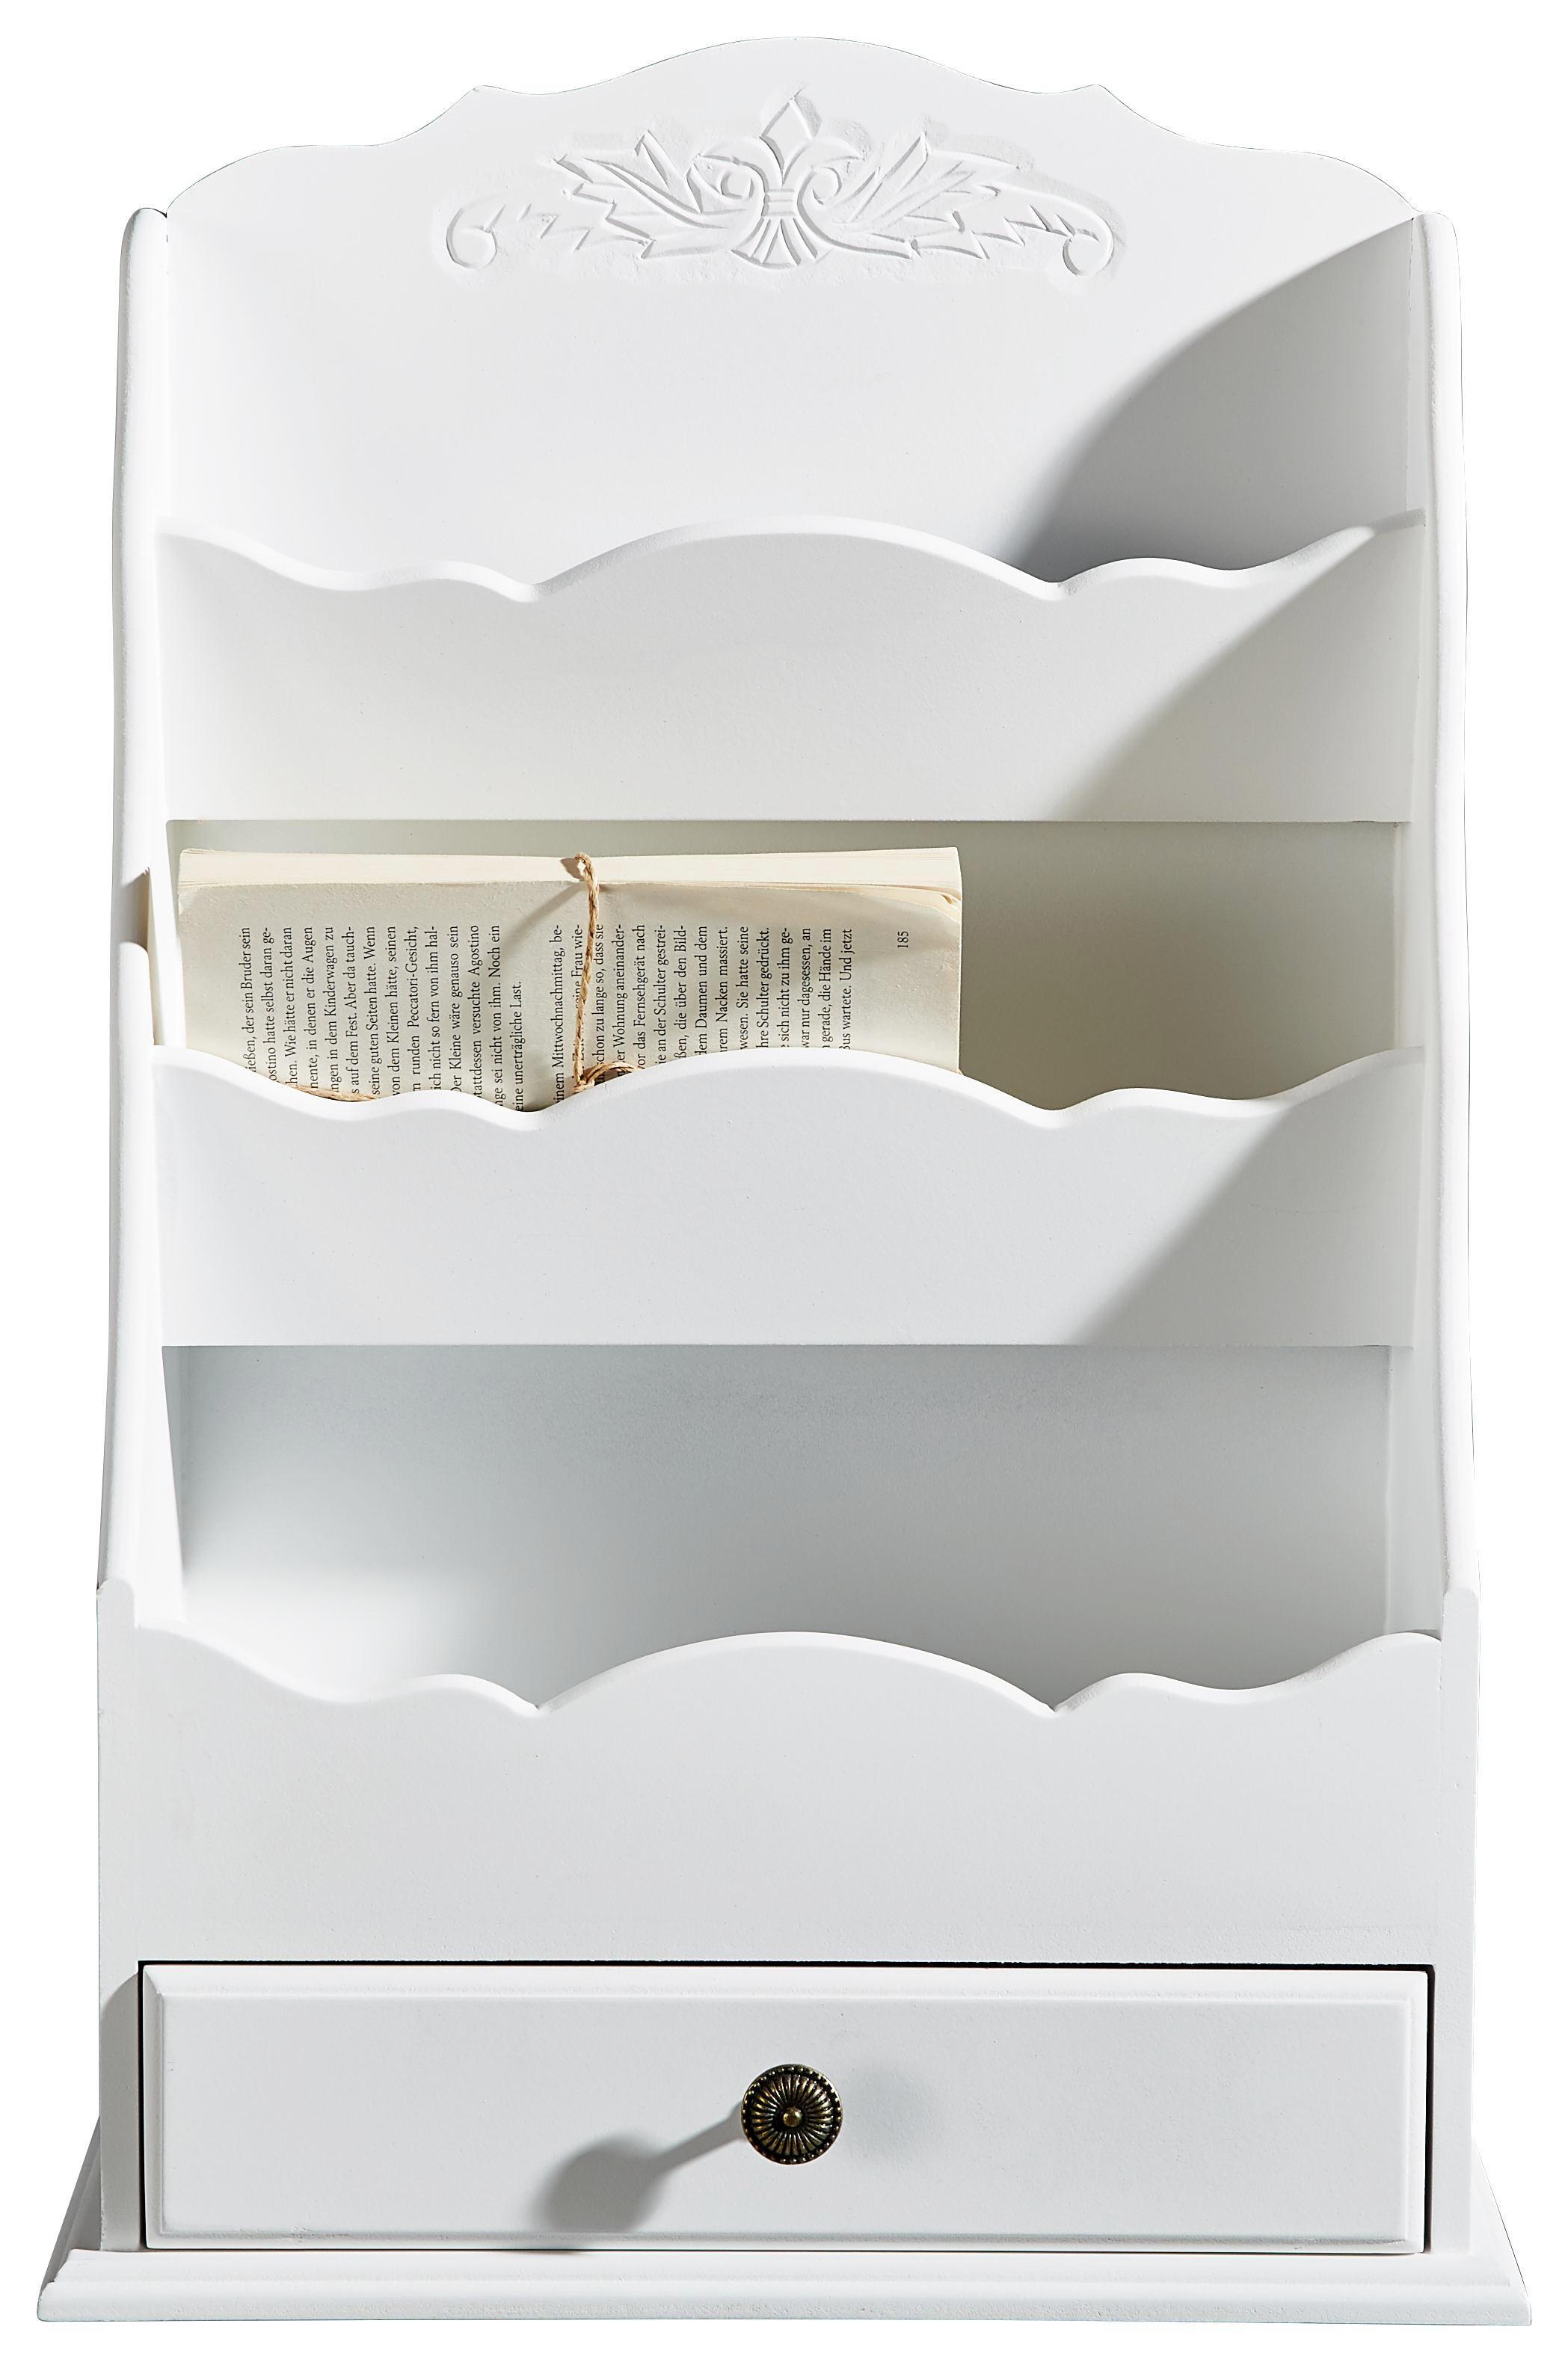 Ungewöhnlich Wohnung Küchengerät Pakete Ideen - Küche Set Ideen ...